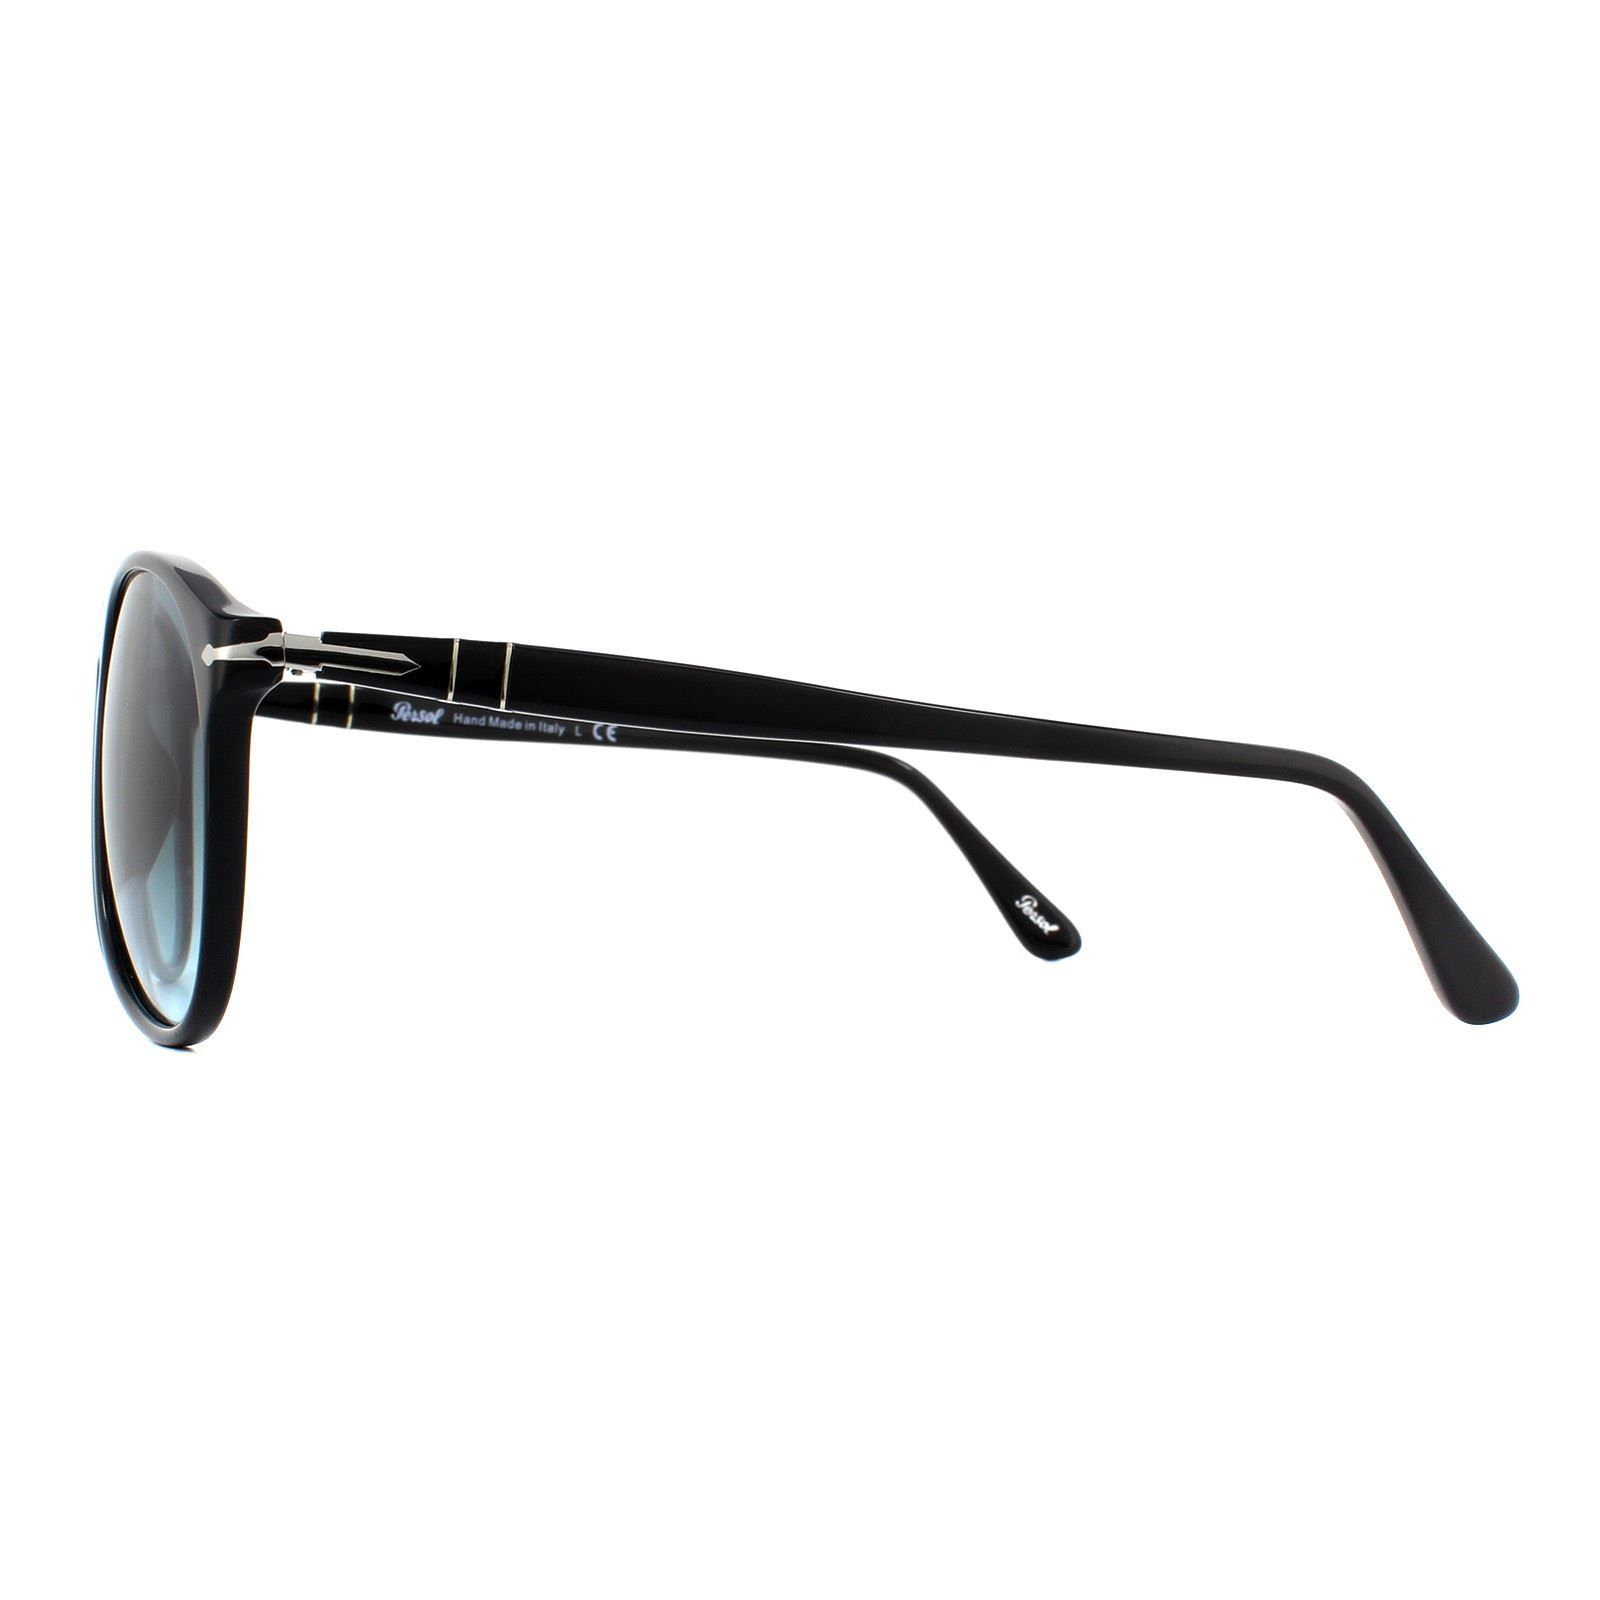 Persol Sunglasses 9649 95/Q8 Black Blue Gradient